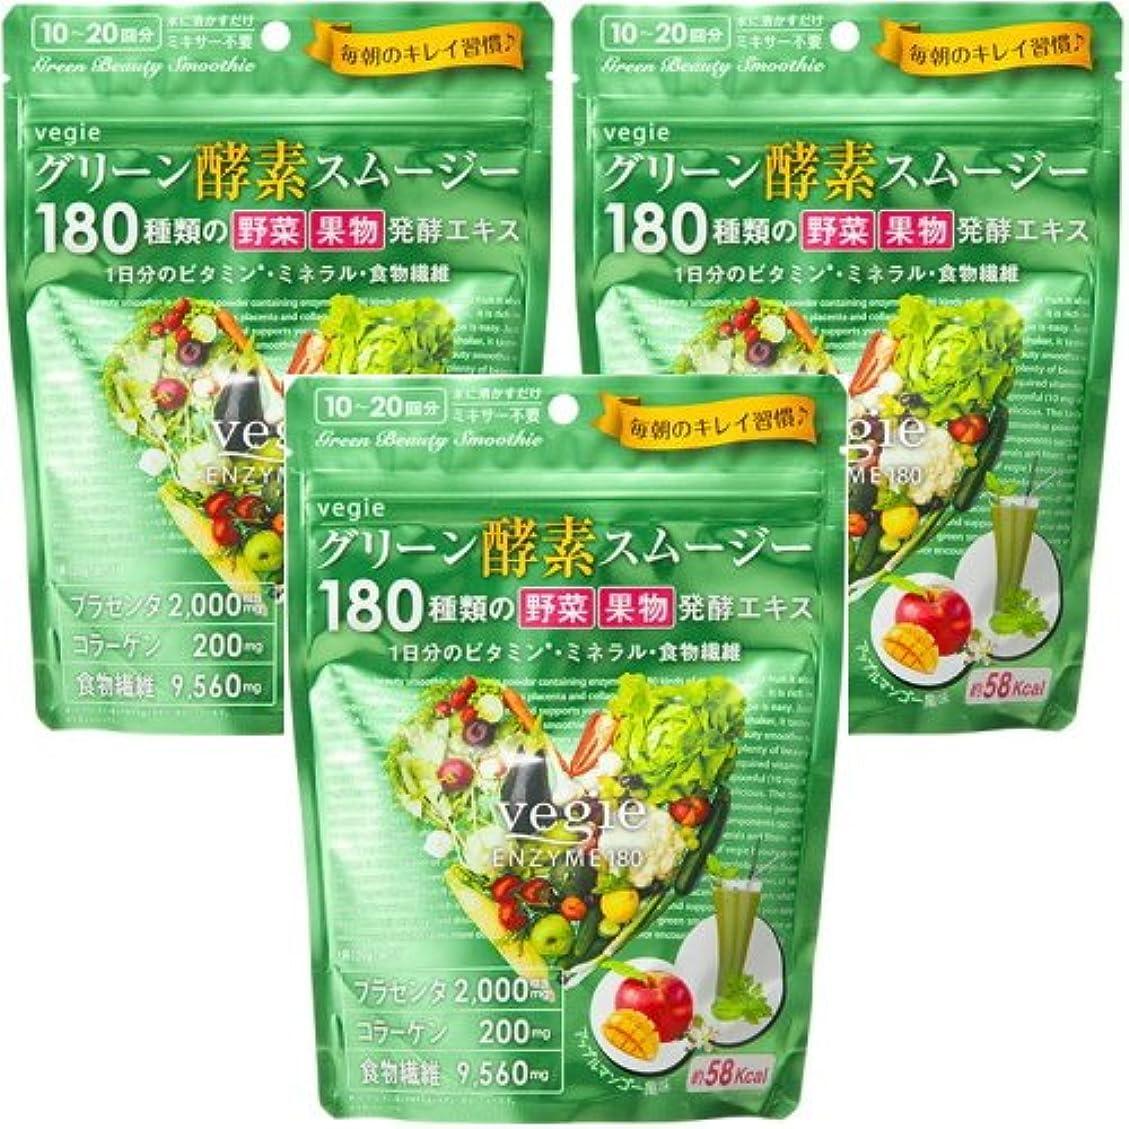 レクリエーション粗いかるベジエ グリーン 酵素スムージー 200g【お得な3個セット】